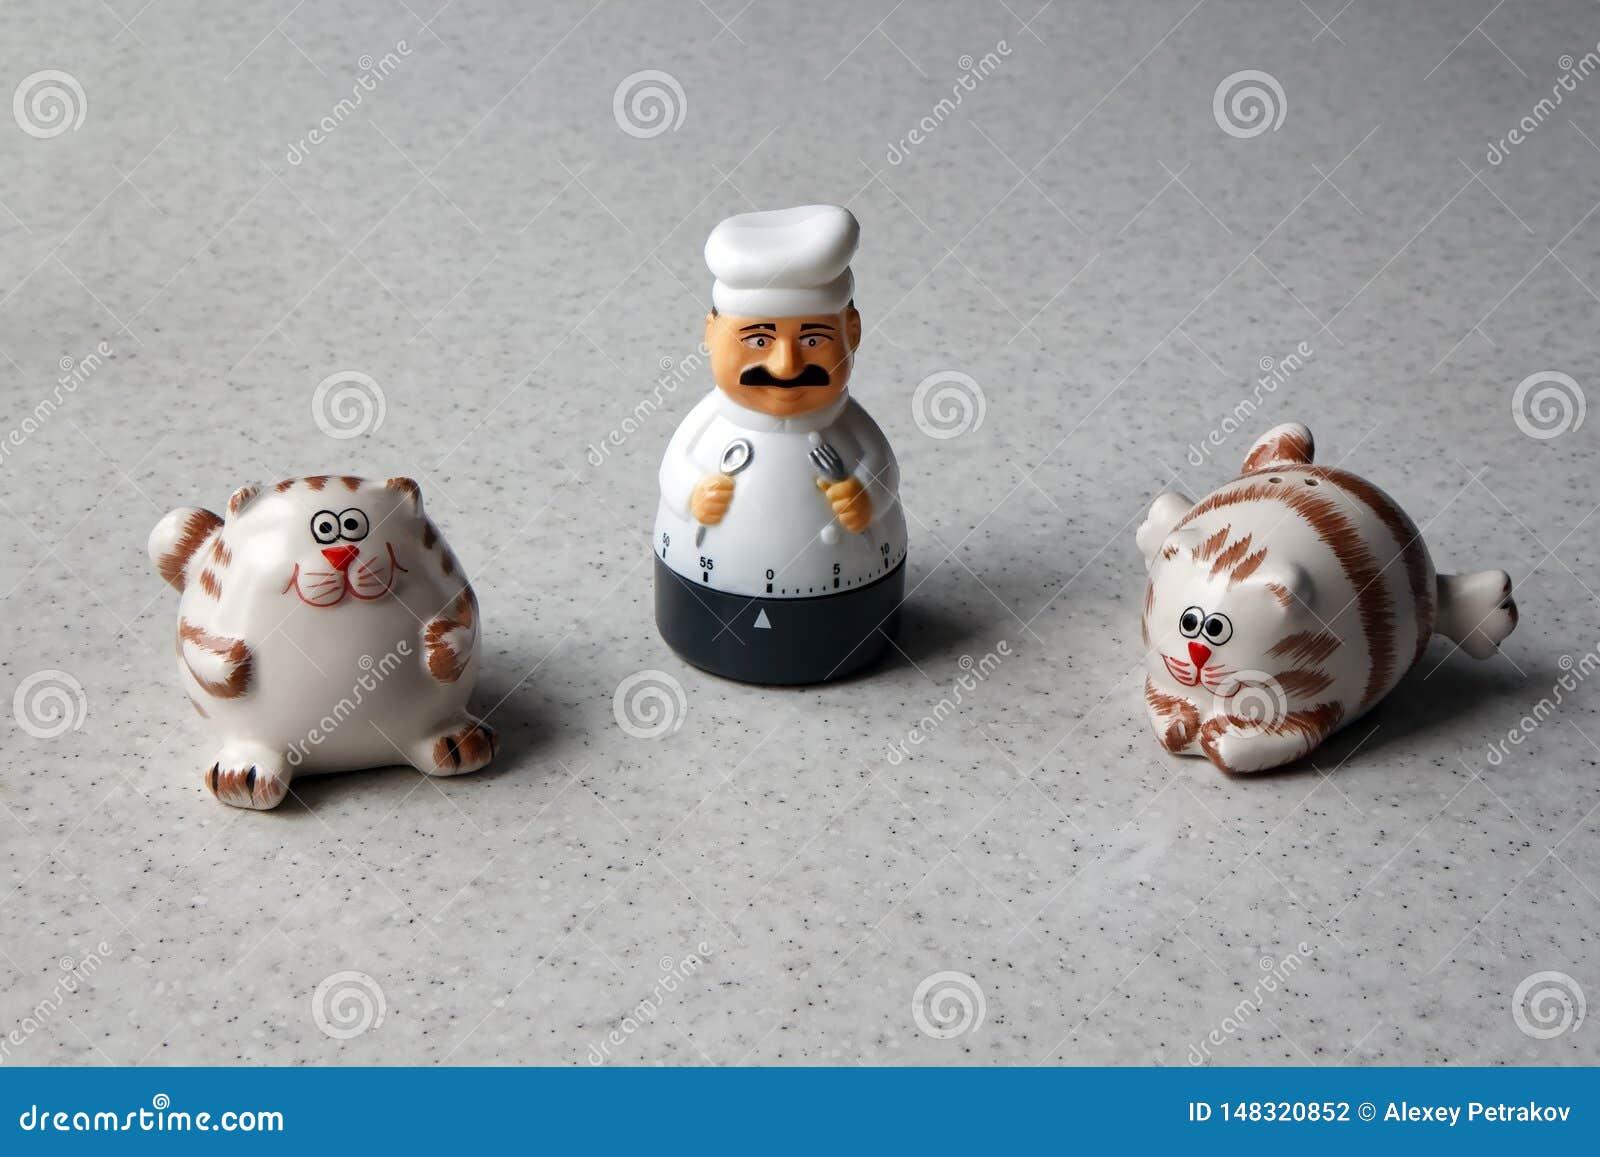 Temporizador da cozinha sob a forma de uma estatueta do cozinheiro chefe e de dois gatos